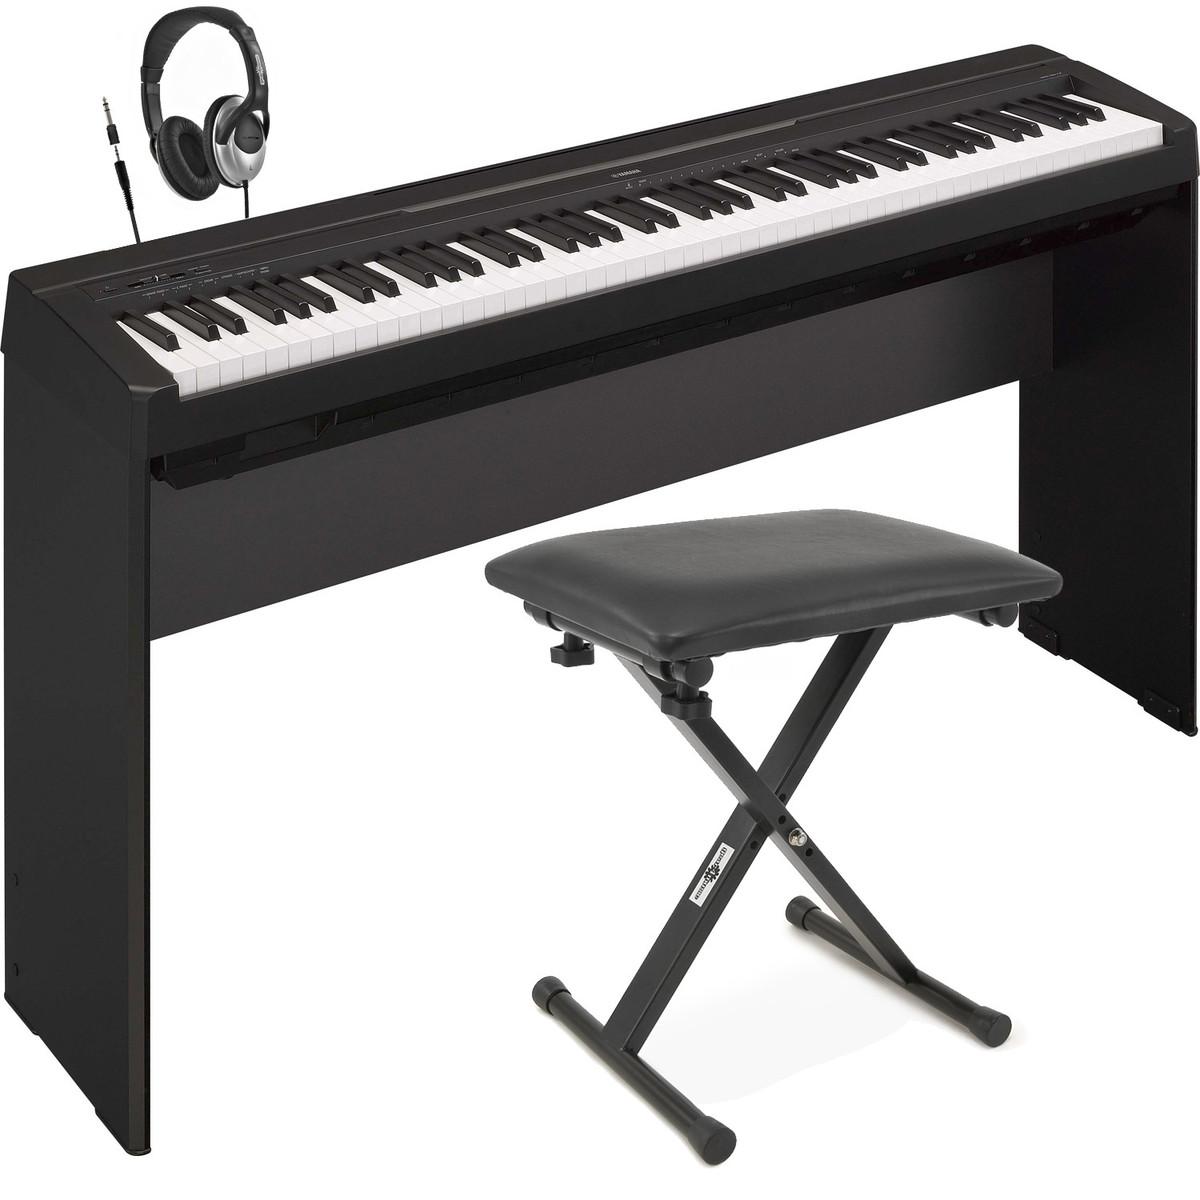 yamaha p35 piano num rique noir avec support tabouret et casque. Black Bedroom Furniture Sets. Home Design Ideas